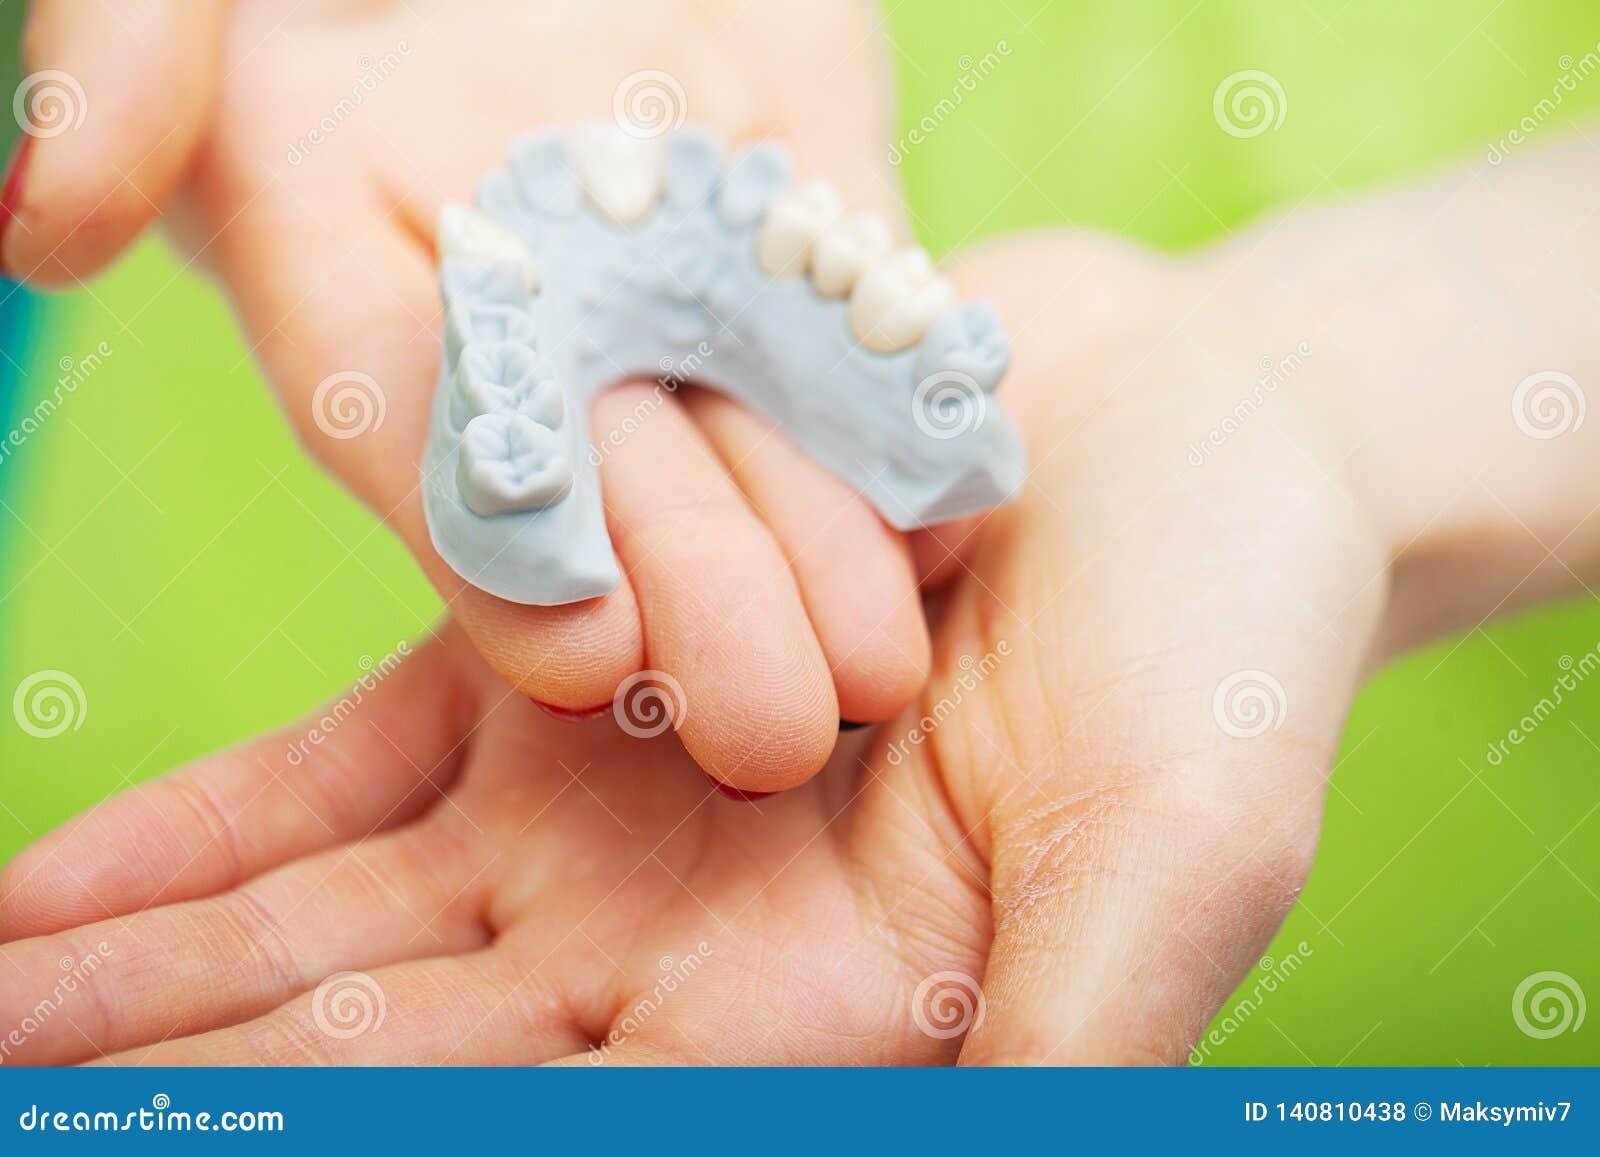 Zahnarzthandholding des Kiefermodells der Zähne und der Reinigung zahnmedizinisch mit zahnmedizinischem Werkzeug Technische Schüs